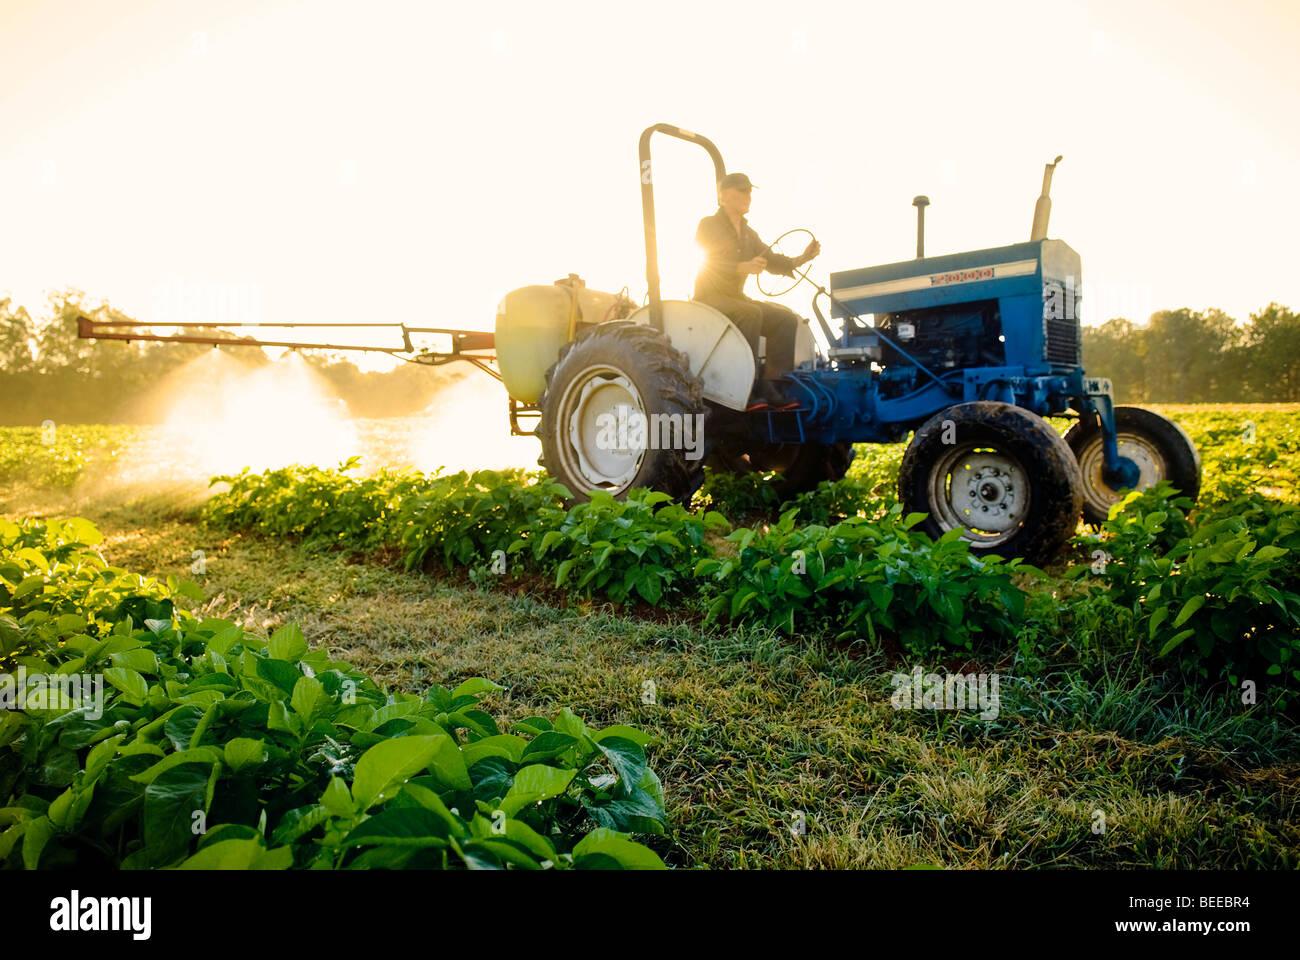 Rociar las algas en un cultivo de papa orgánica - productor orgánico certificado Imagen De Stock